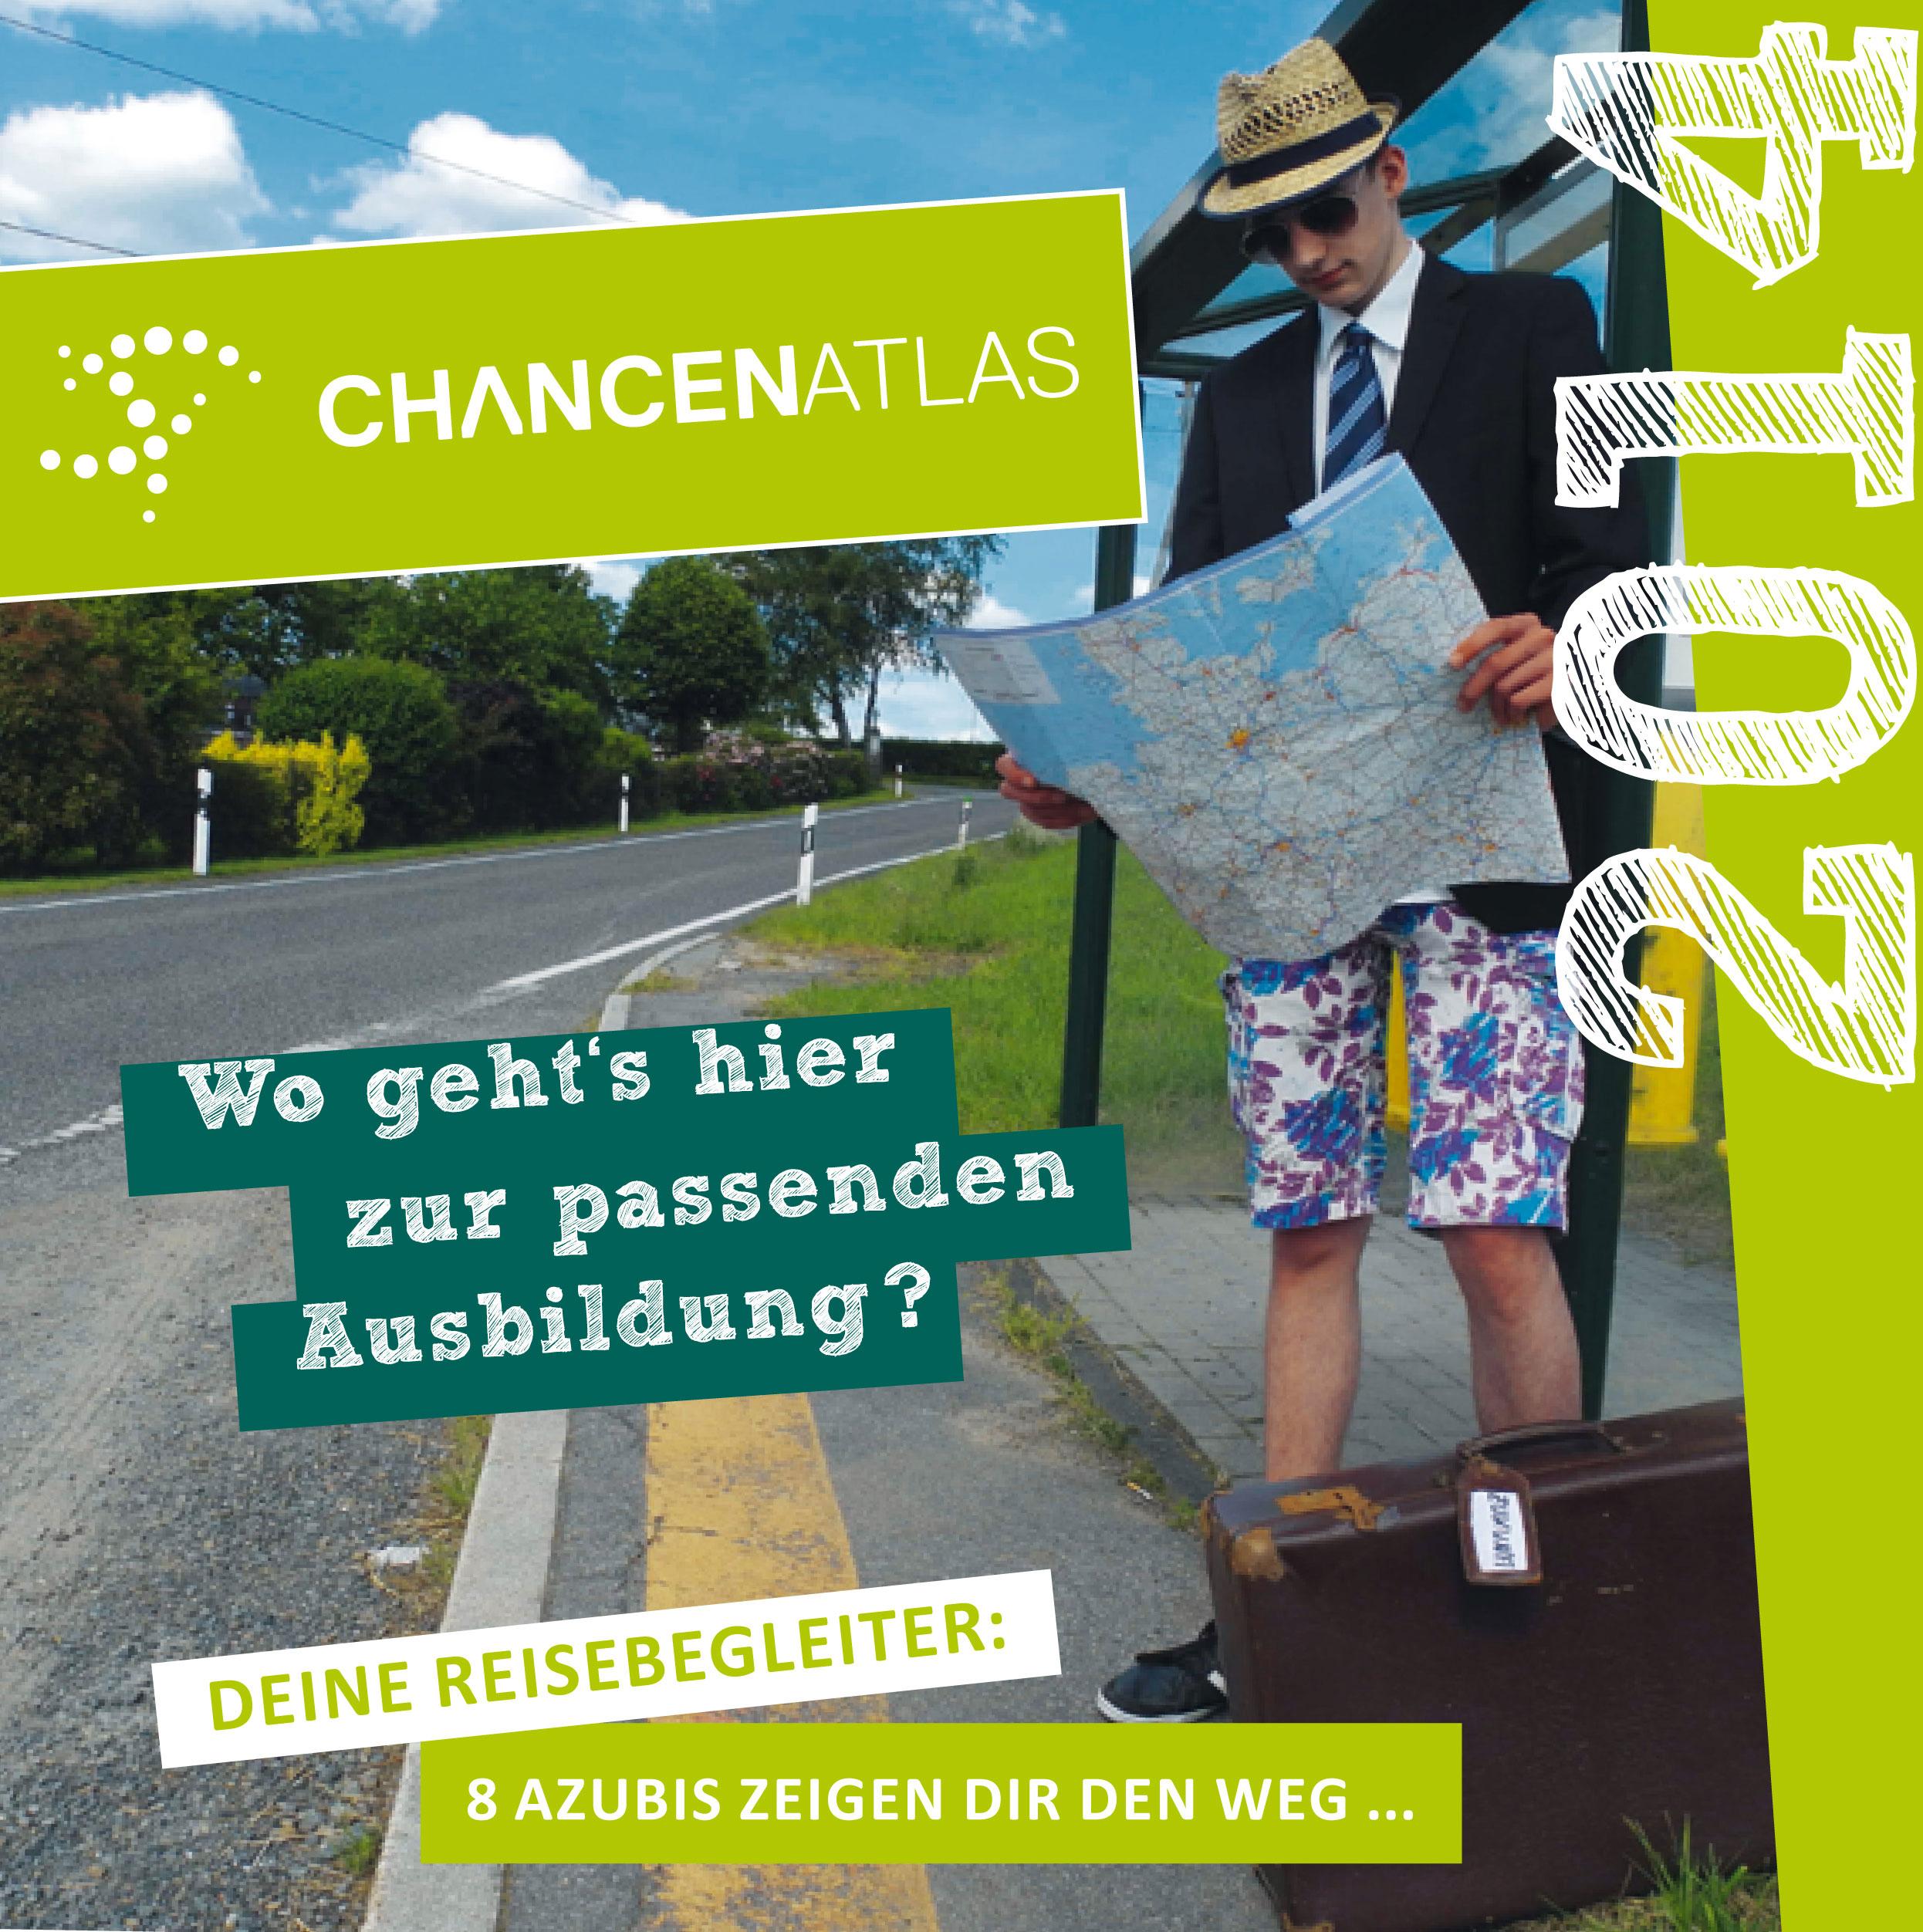 1_chancen-atlas